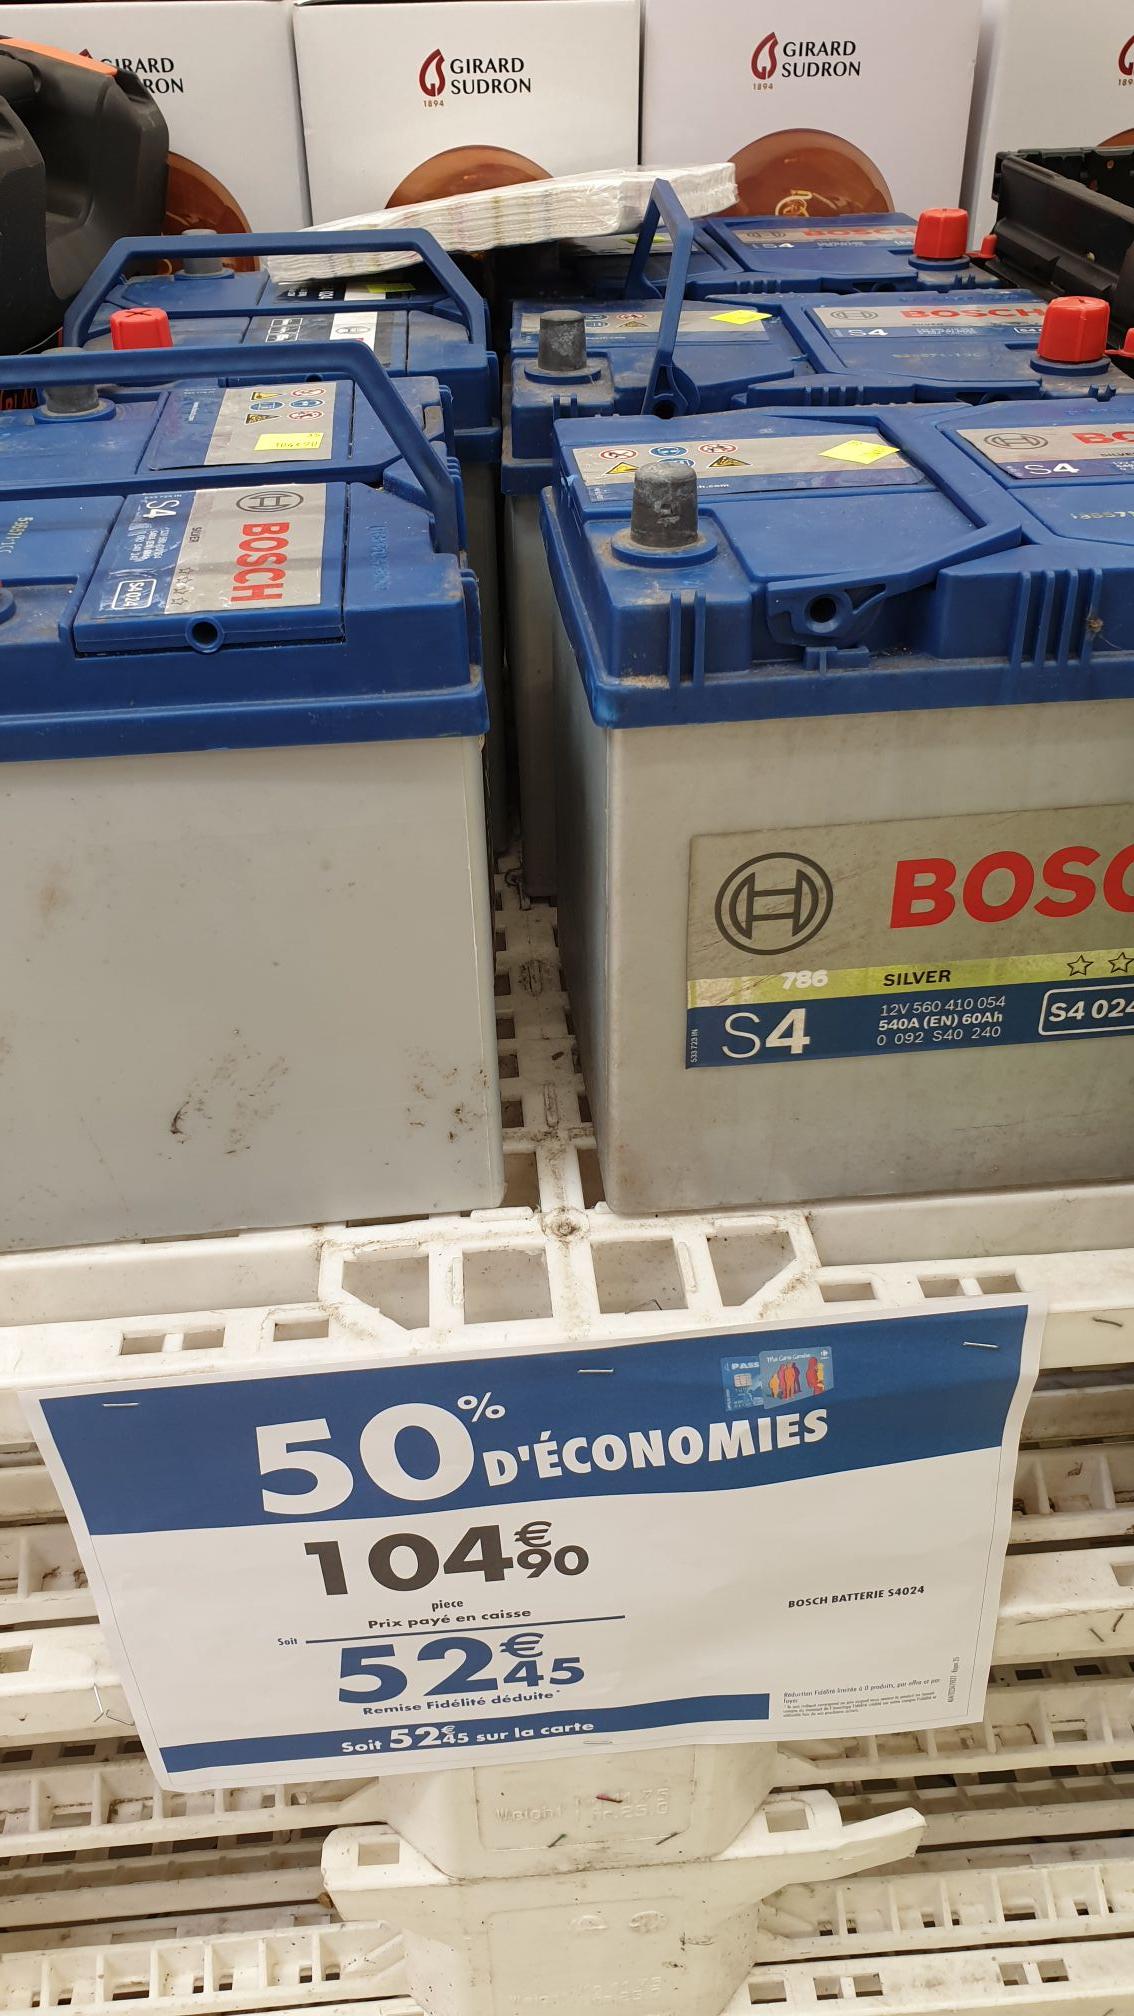 Batterie auto Bosch Silver S4 A08 - 12 V, 540 A, 60 Ah (via 52.45€ sur la carte de fidélité) - La Ville-du-Bois (91)